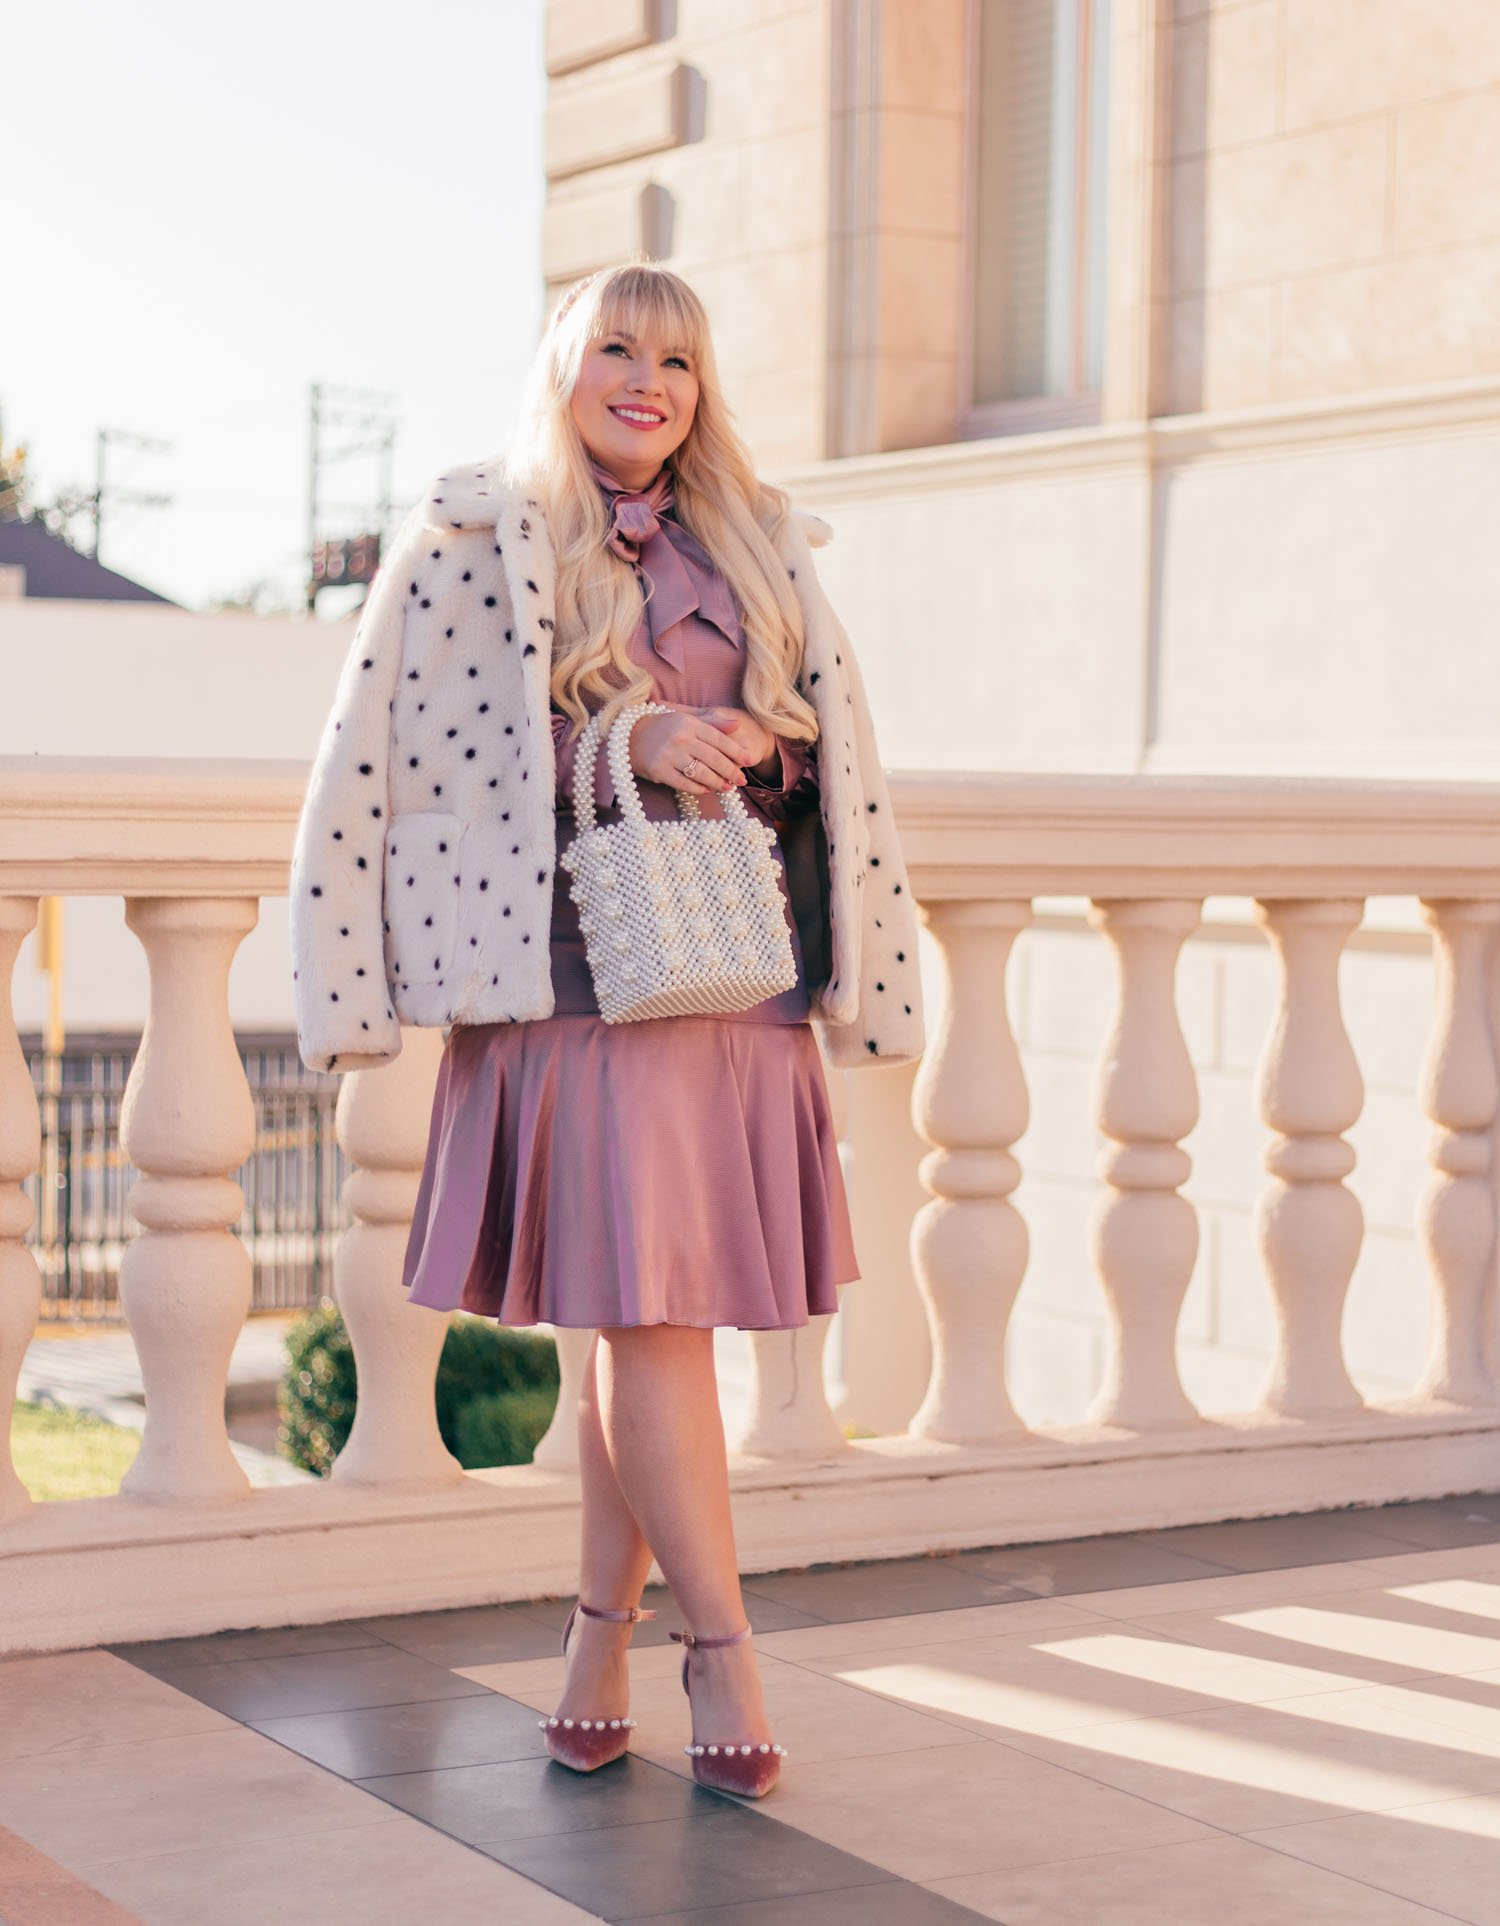 Elizabeth Hugen of Lizzie in Lace styles a faux fur leopard coat for winter!